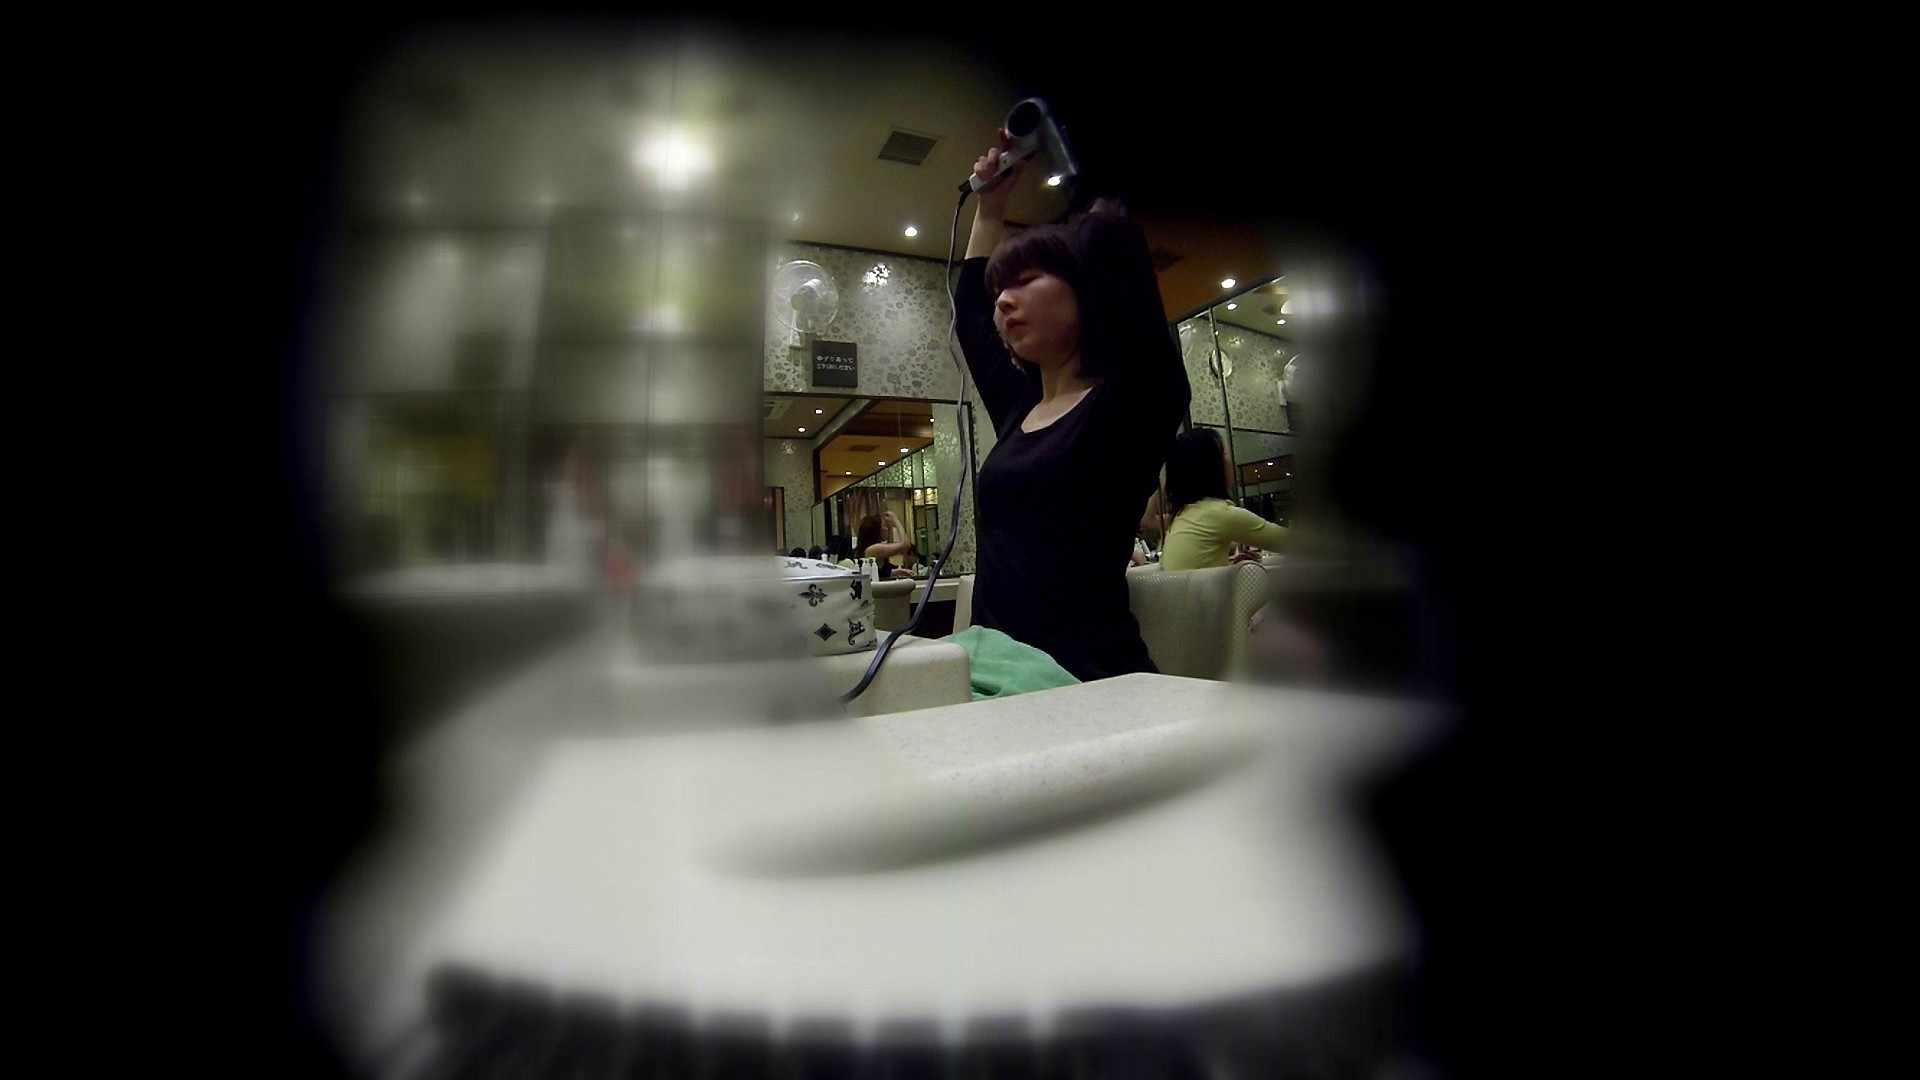 無修正エロ動画|追い撮り!髪を下ろすと雰囲気変わりますね。|怪盗ジョーカー